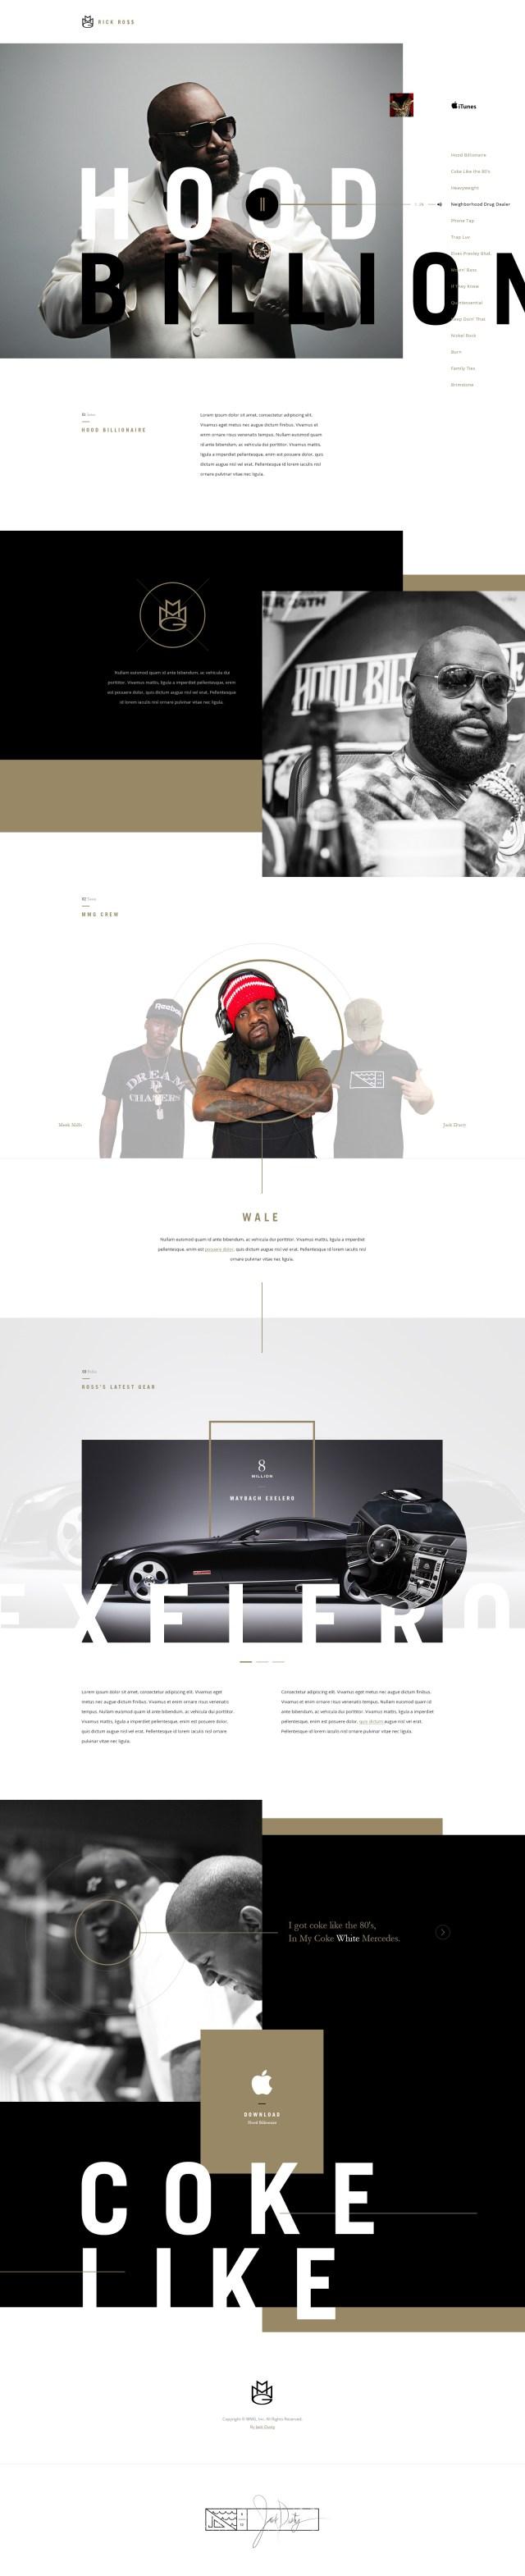 Whitespace in Web Design - Rick Ross